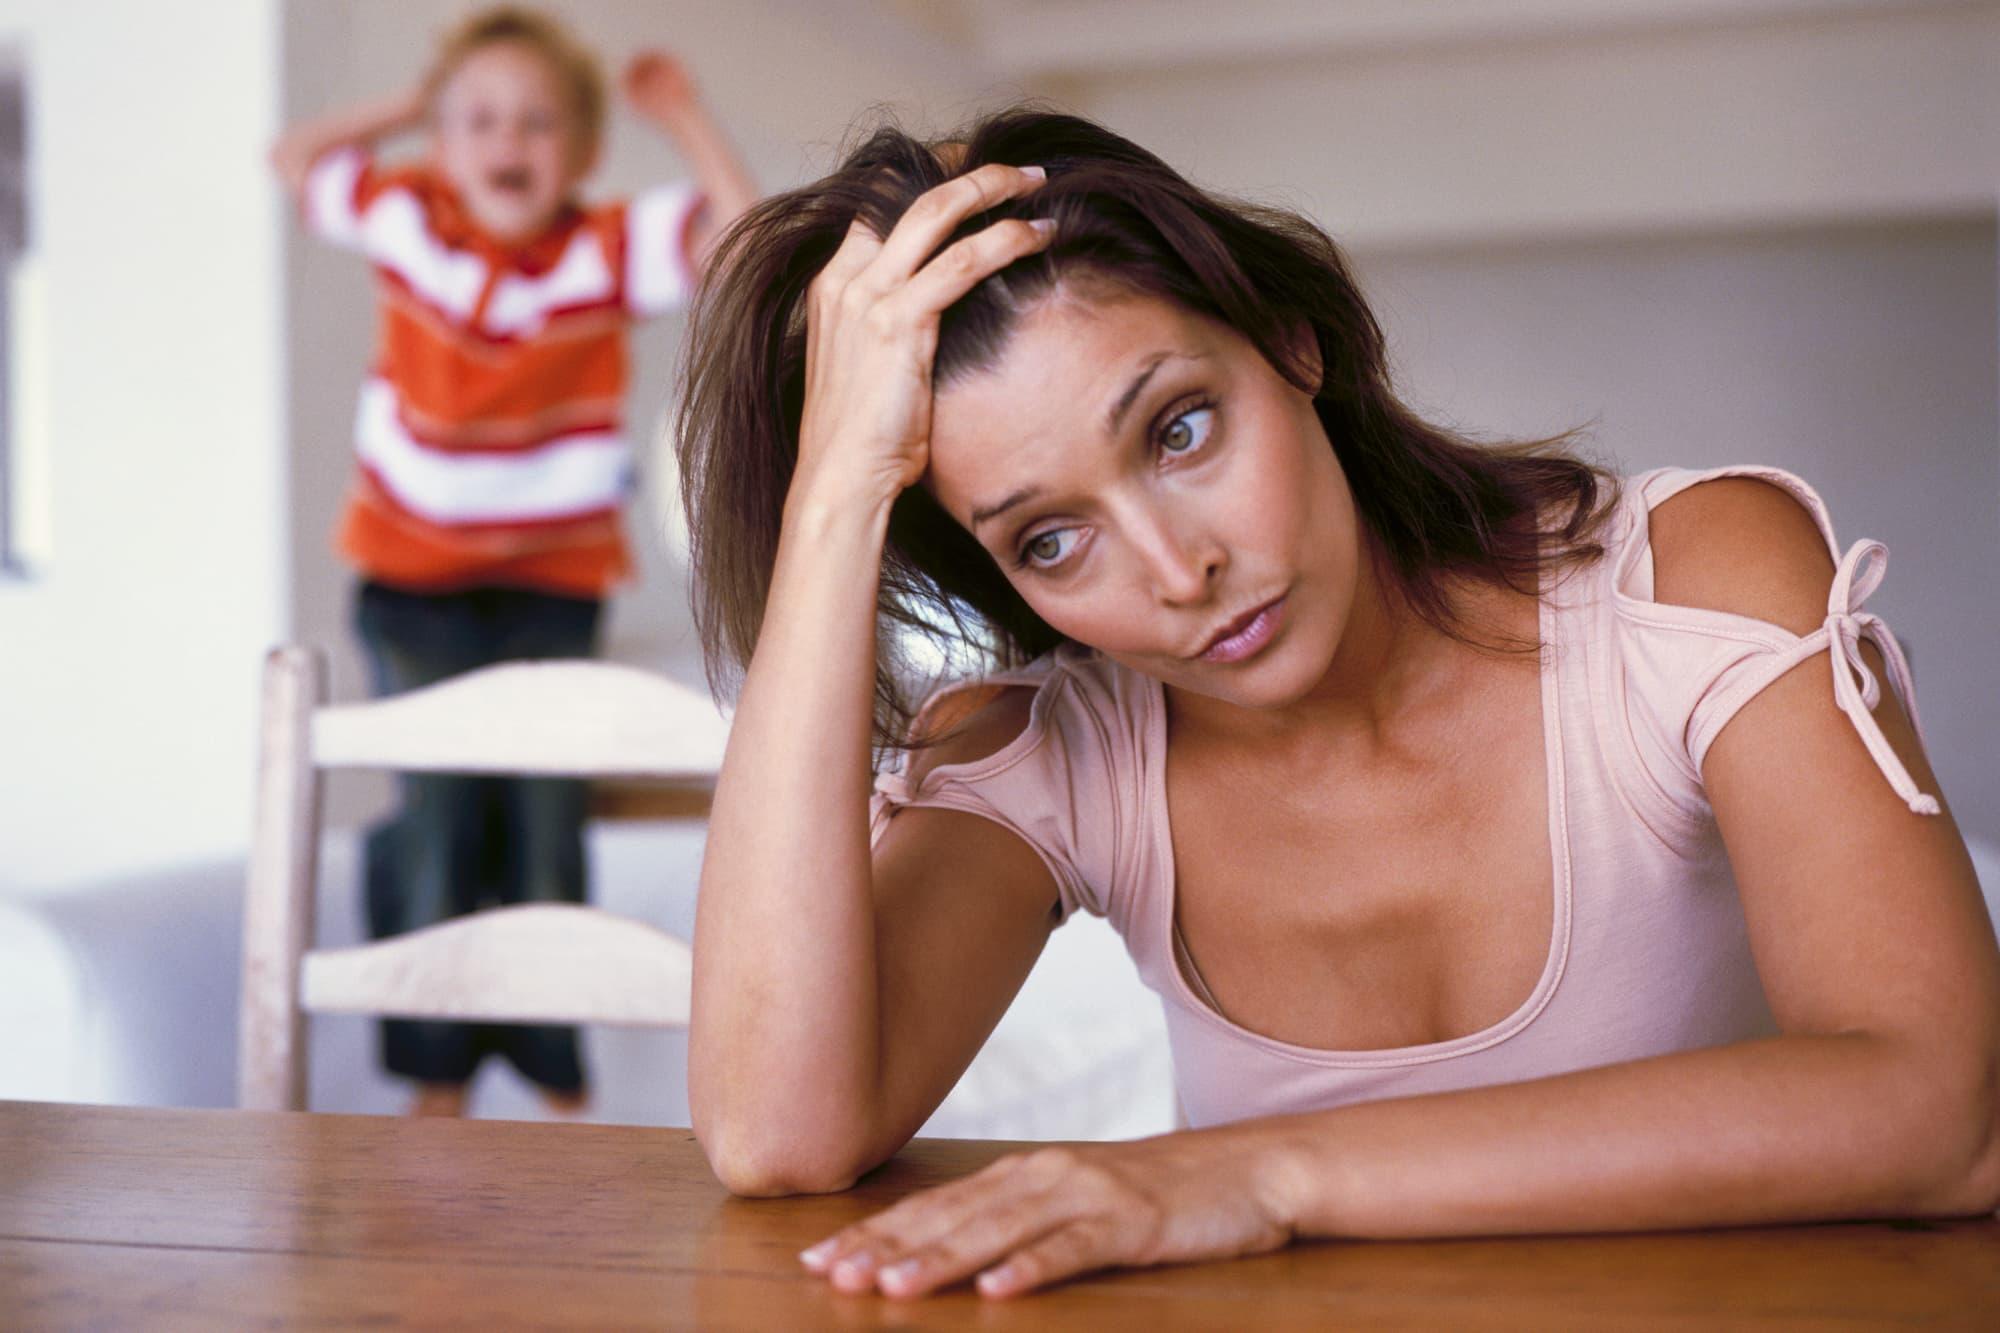 Что делать, если мама бесит? сложности отношений в семье, способы решения проблемы, полезные советы